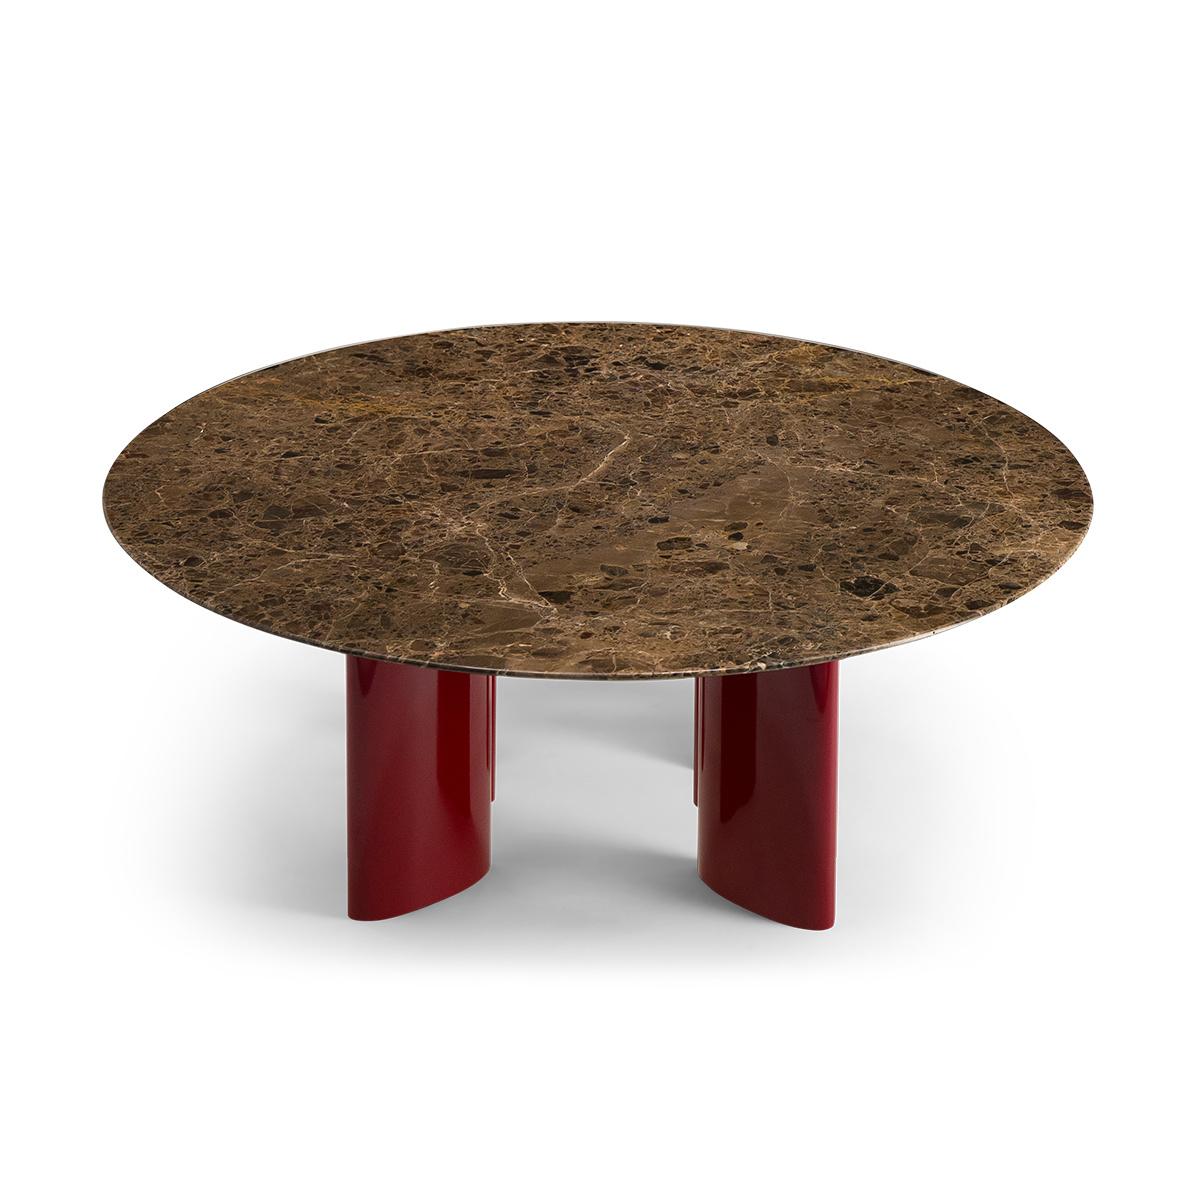 Table basse Carlotta pieds laques rouge et marbre marron